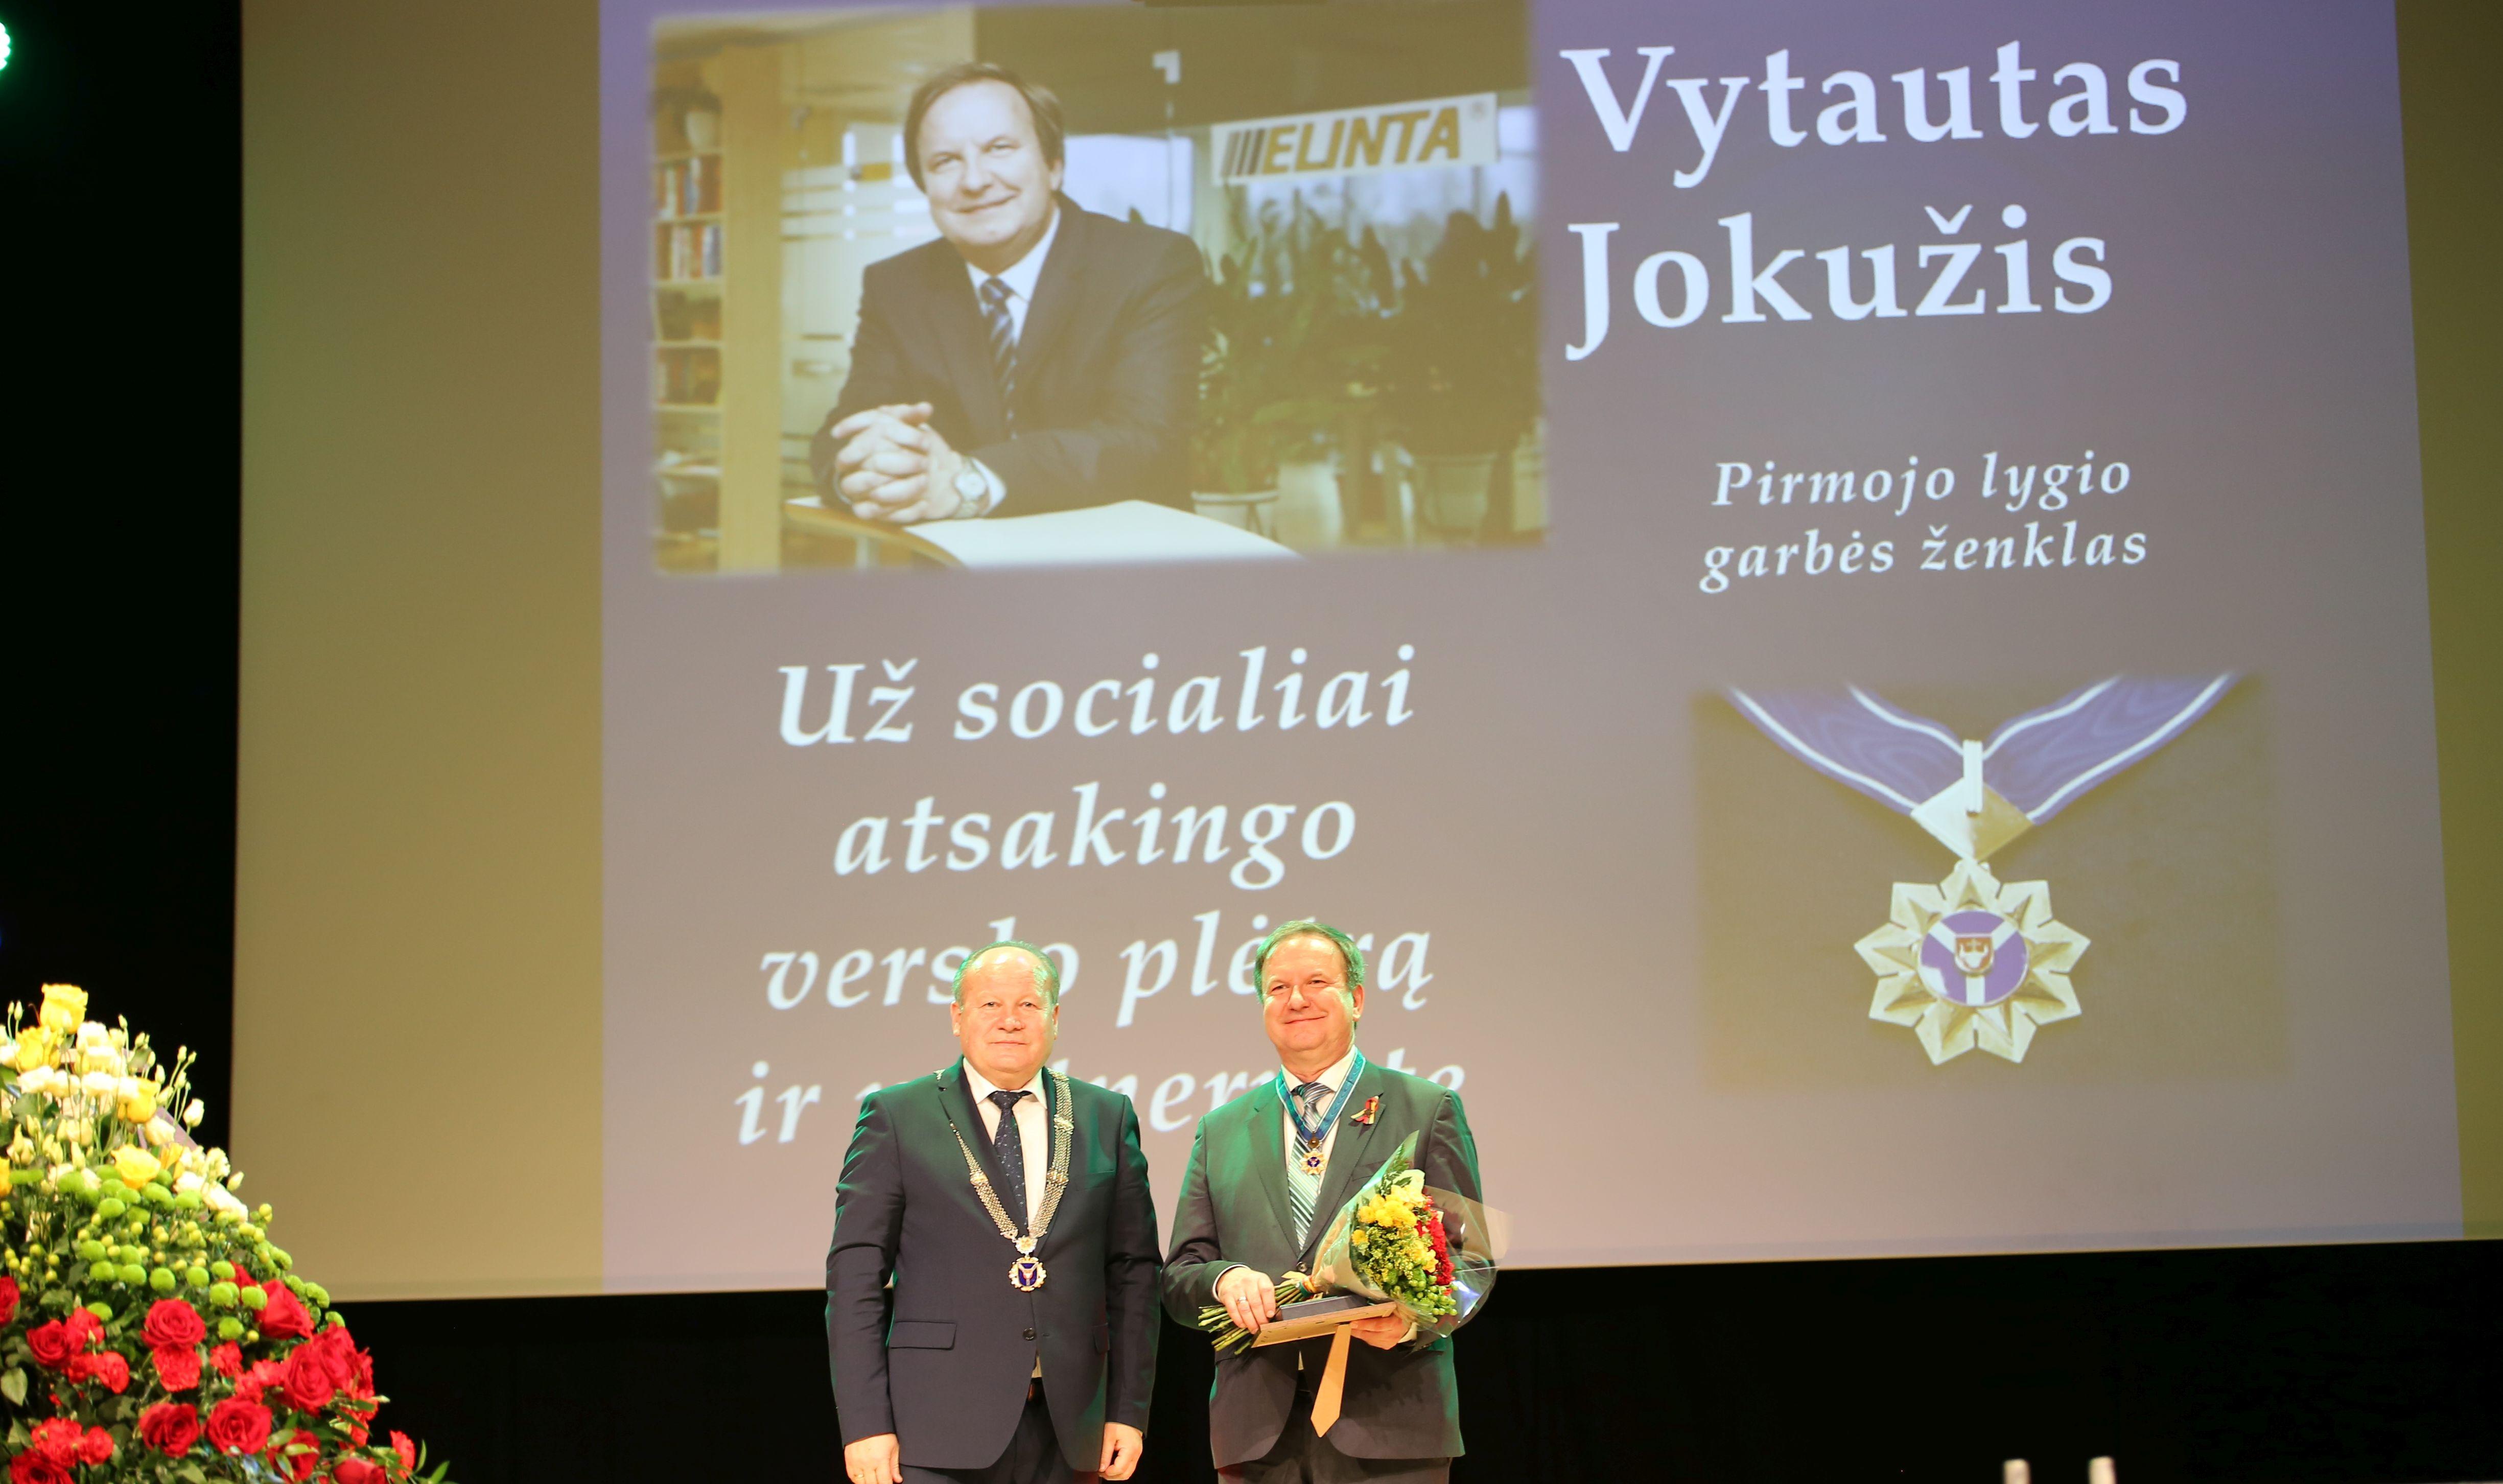 Kauno rajono savivaldybės apdovanojimai – dešimčiai nusipelniusių žmonių | Kauno rajono savivaldybės nuotr.